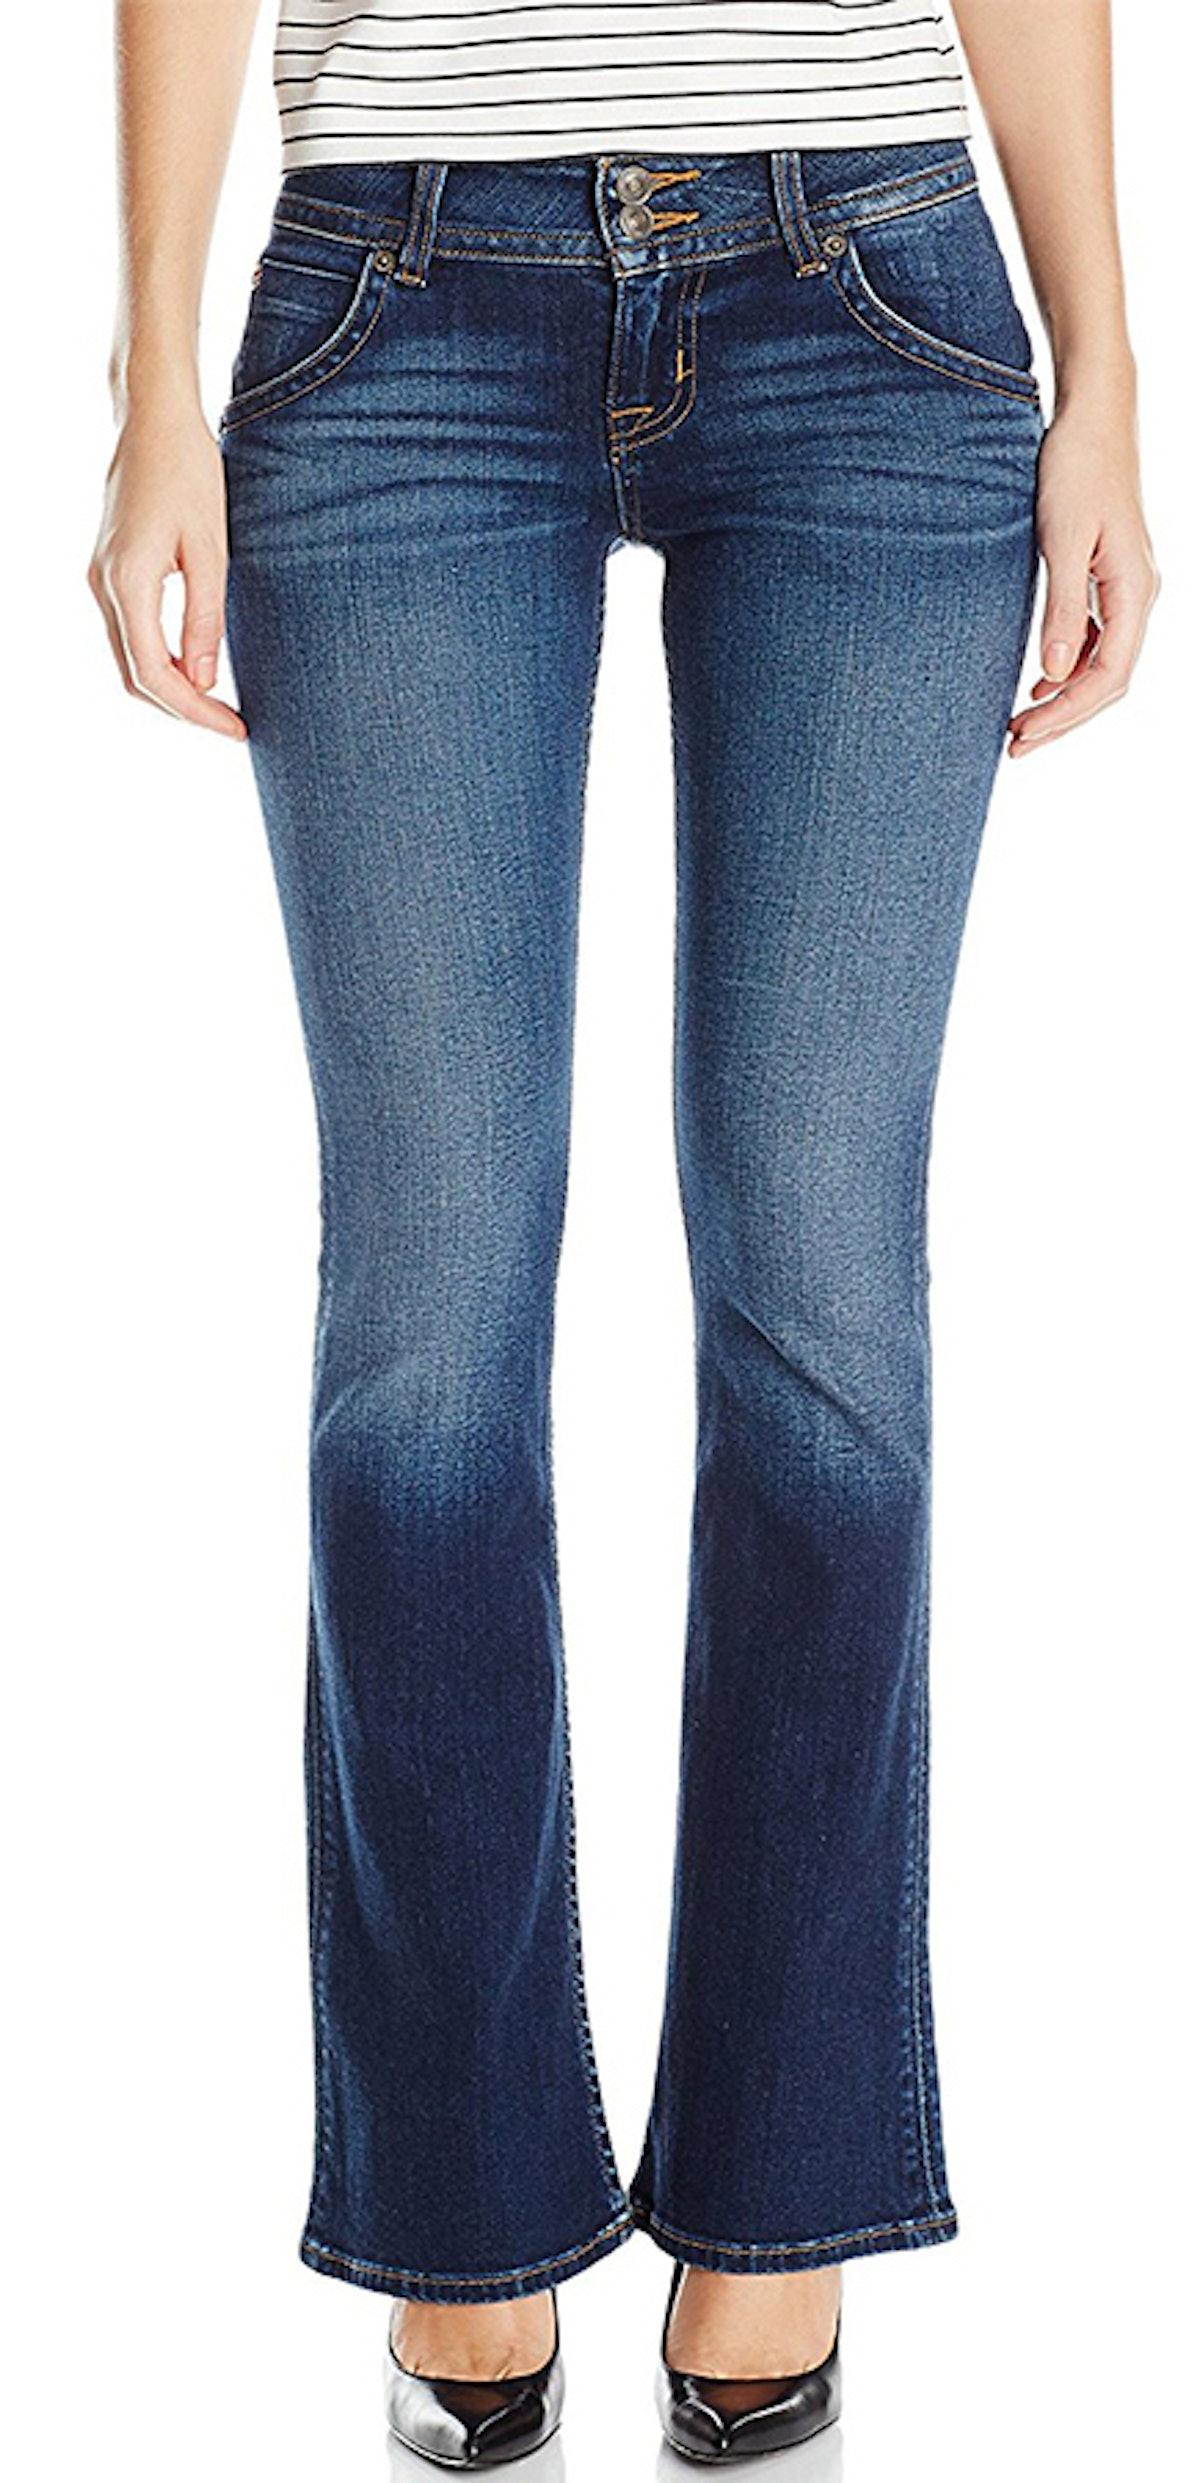 Hudson Jeans, Women's Petite Size Signature Bootcut Flap Pocket Jean